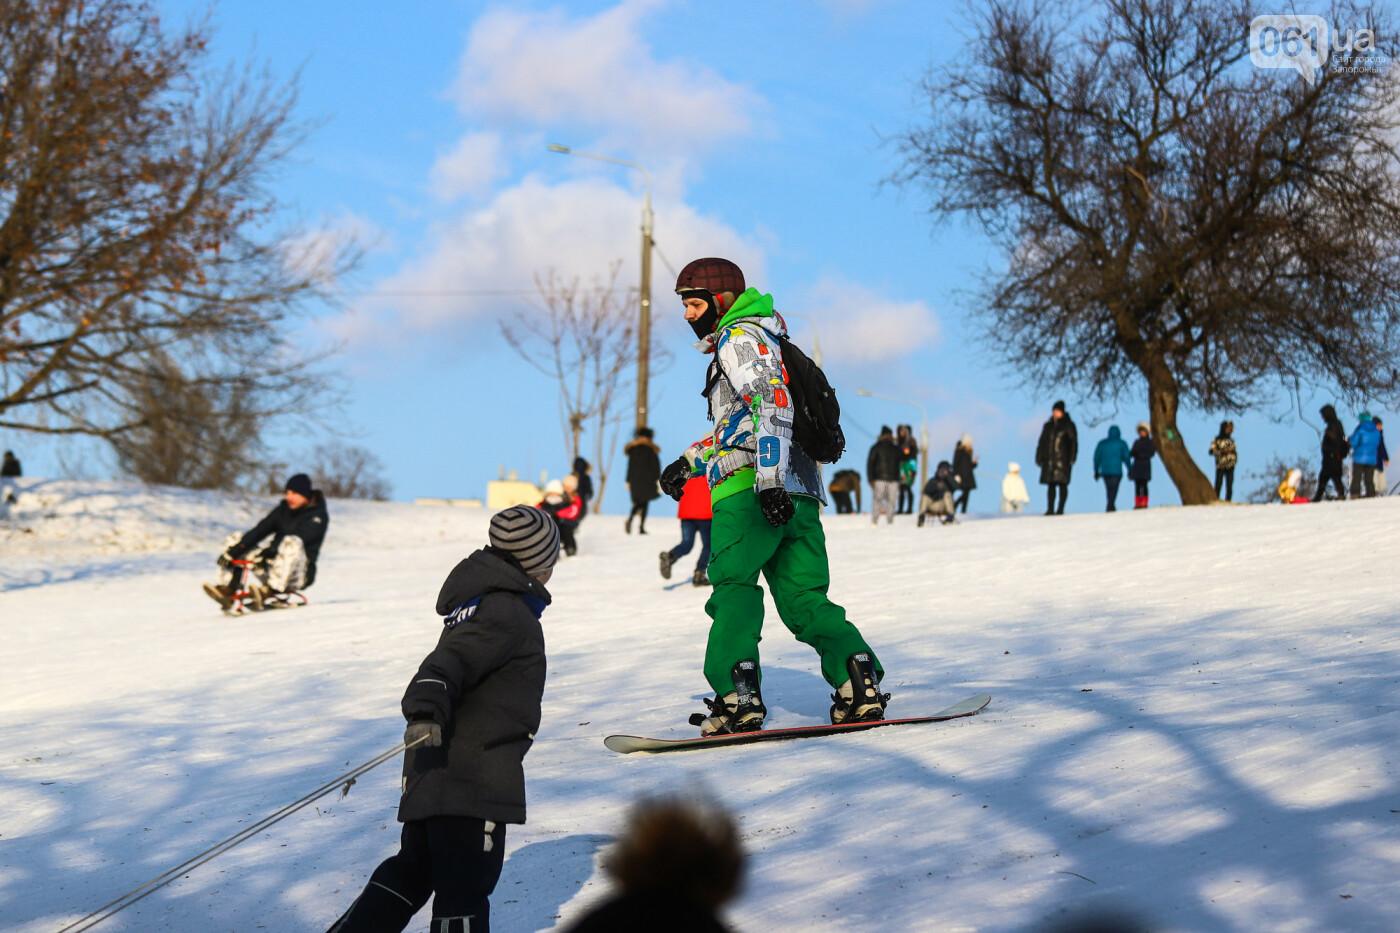 На санках, лыжах и сноуборде: запорожцы устроили массовое катание с горок в Вознесеновском парке, - ФОТОРЕПОРТАЖ, фото-28